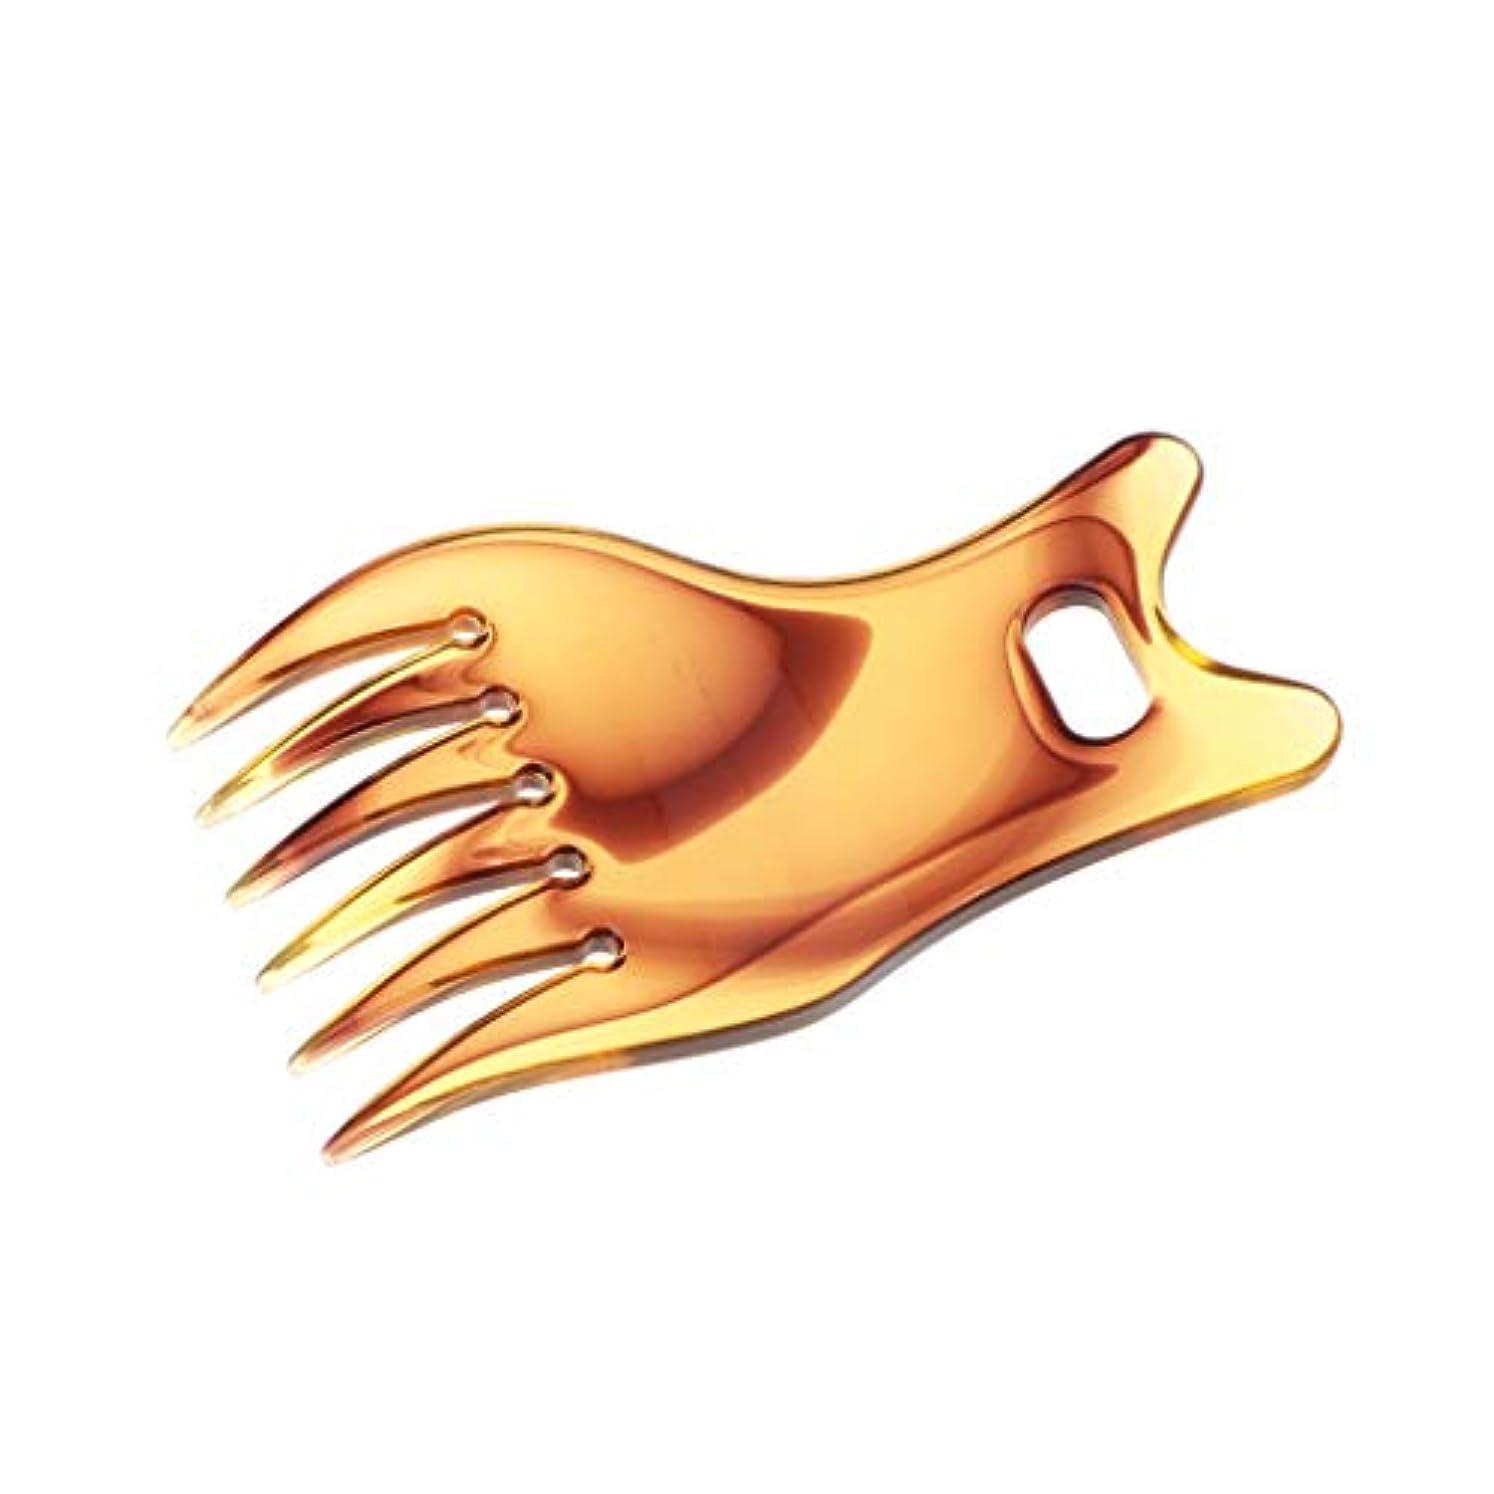 機械あえて慣性ヘアコーム ピックコーム 広い歯 サロン 理容 染料 理髪 ヘアスタイリング 帯電防止 耐熱性 - 褐色